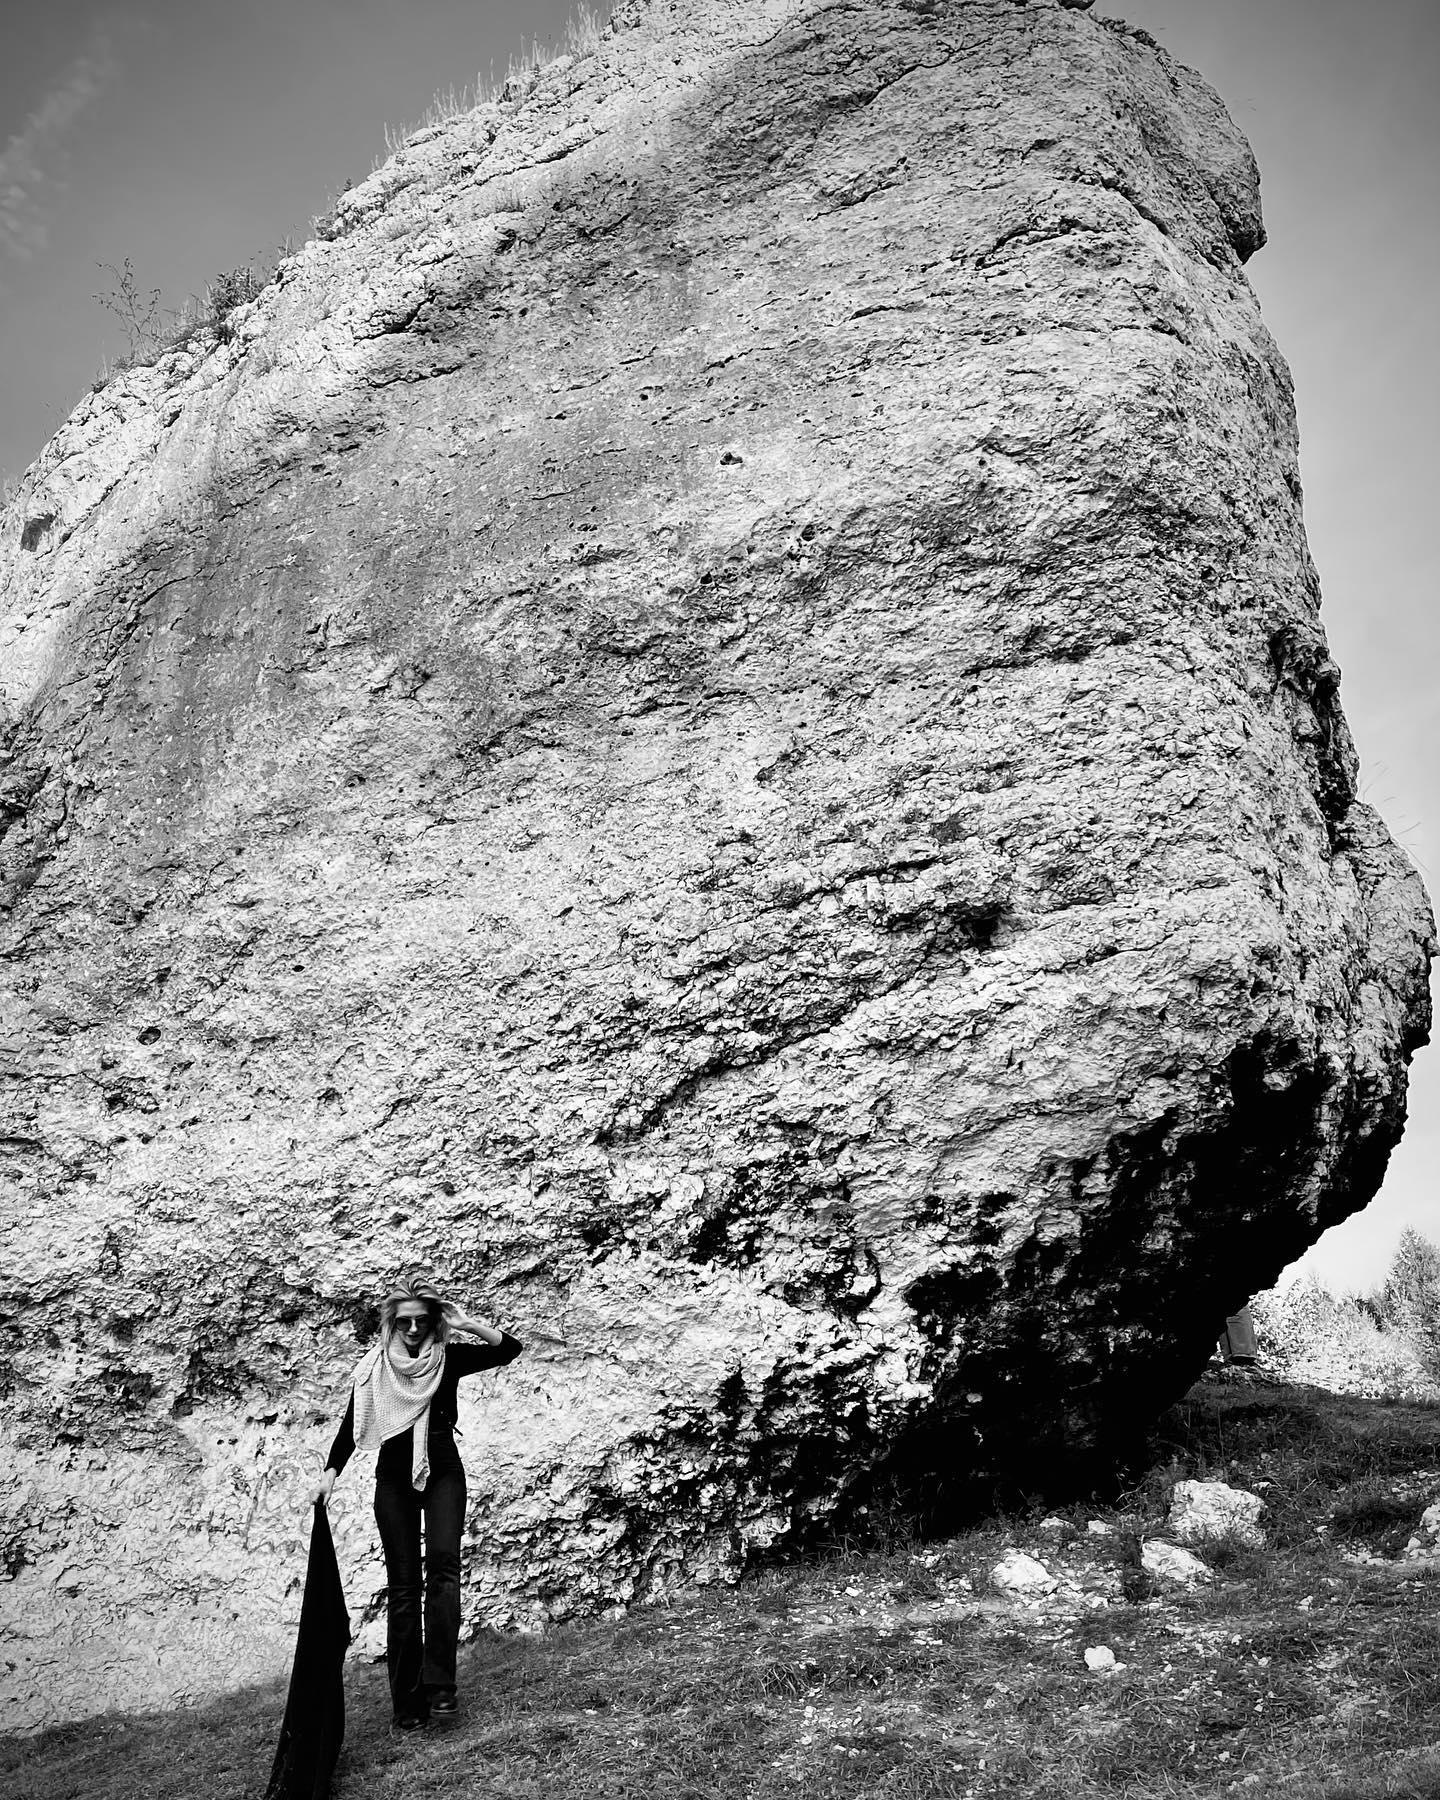 Lubię czuć się filigranowa. Dlatego sfotografowałam się przy dużym kamieniu 🙃🙃🙃 ————— #Bienkovska #LubięSięUnosić #me #blackandwhite #slowfashion #slowlife #mylife #myjob #knitwear #jurakrakowskoczestochowska #ogrodzieniec #zamek #skałki